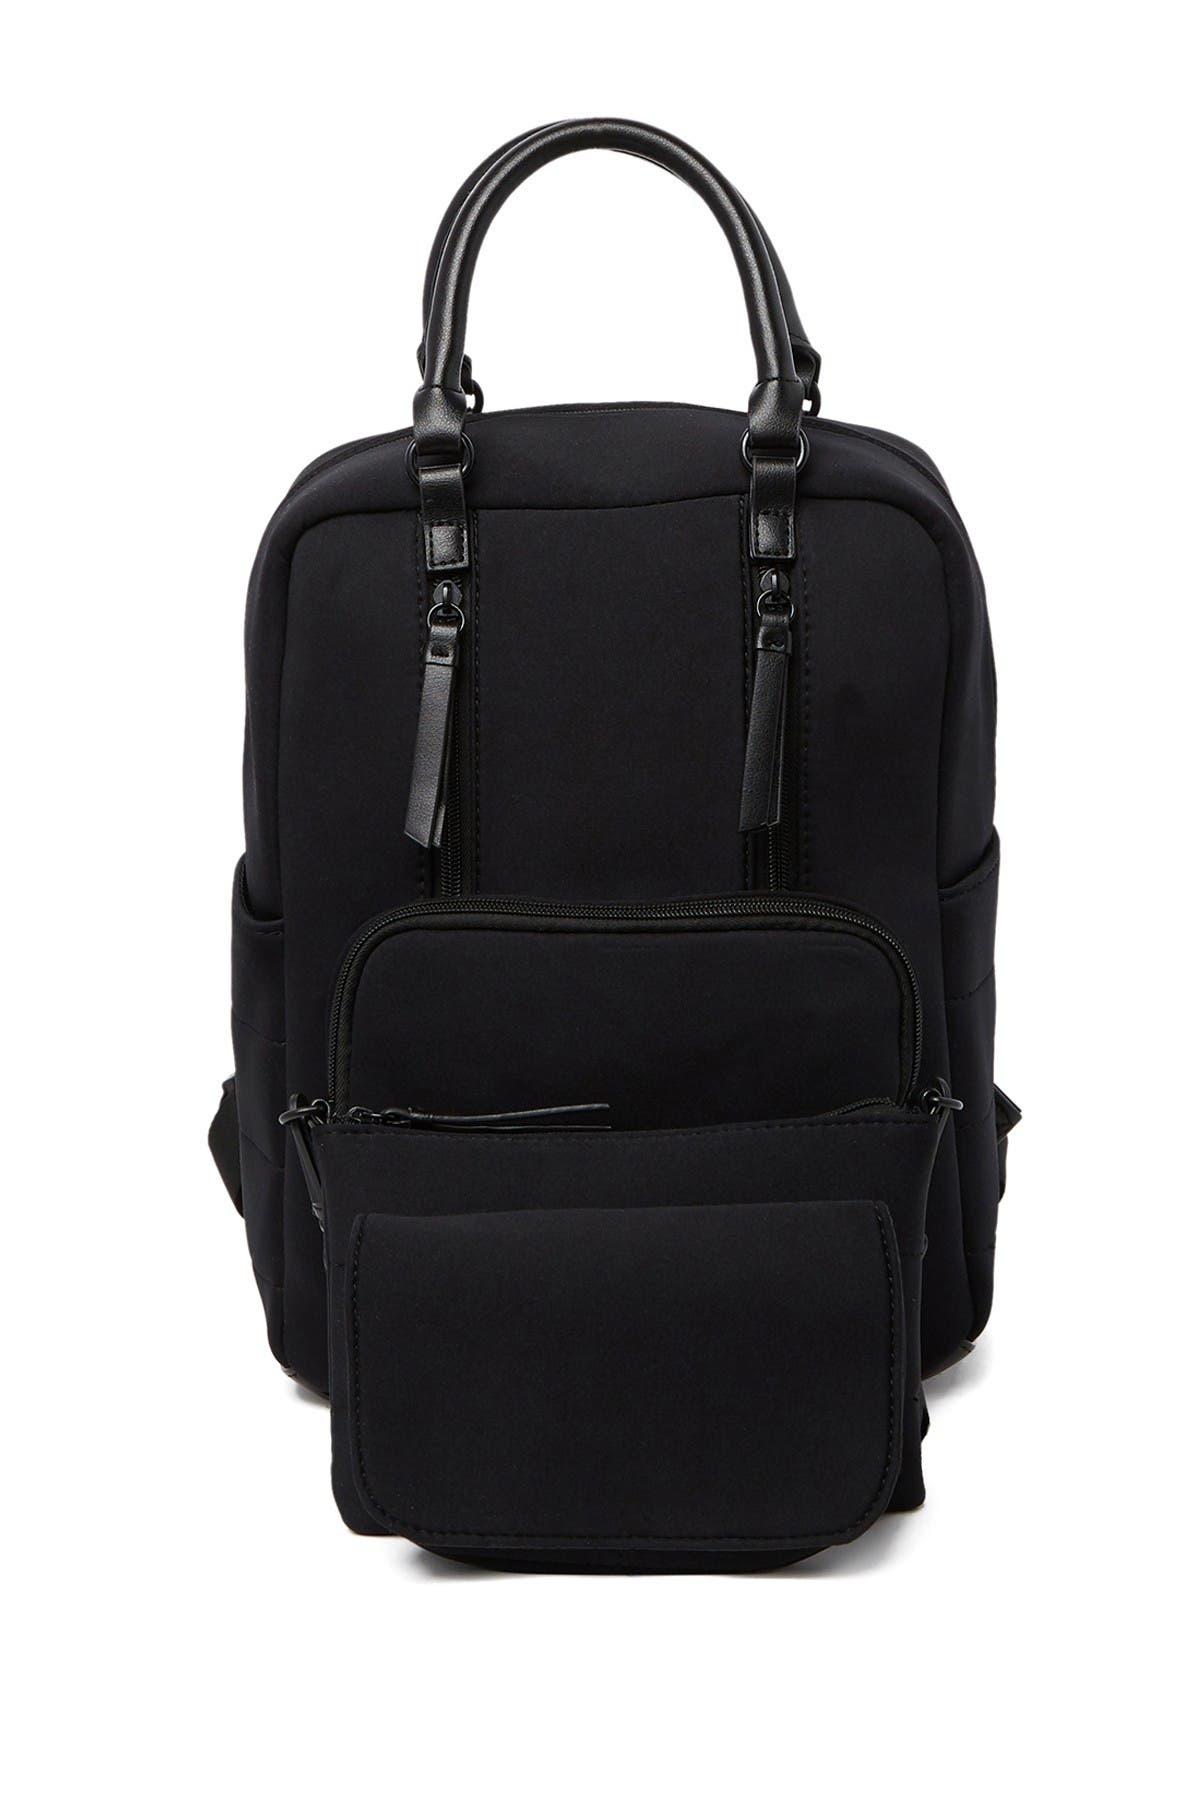 Image of Madden Girl 2 For 1 Neoprene Backpack & Crossbody